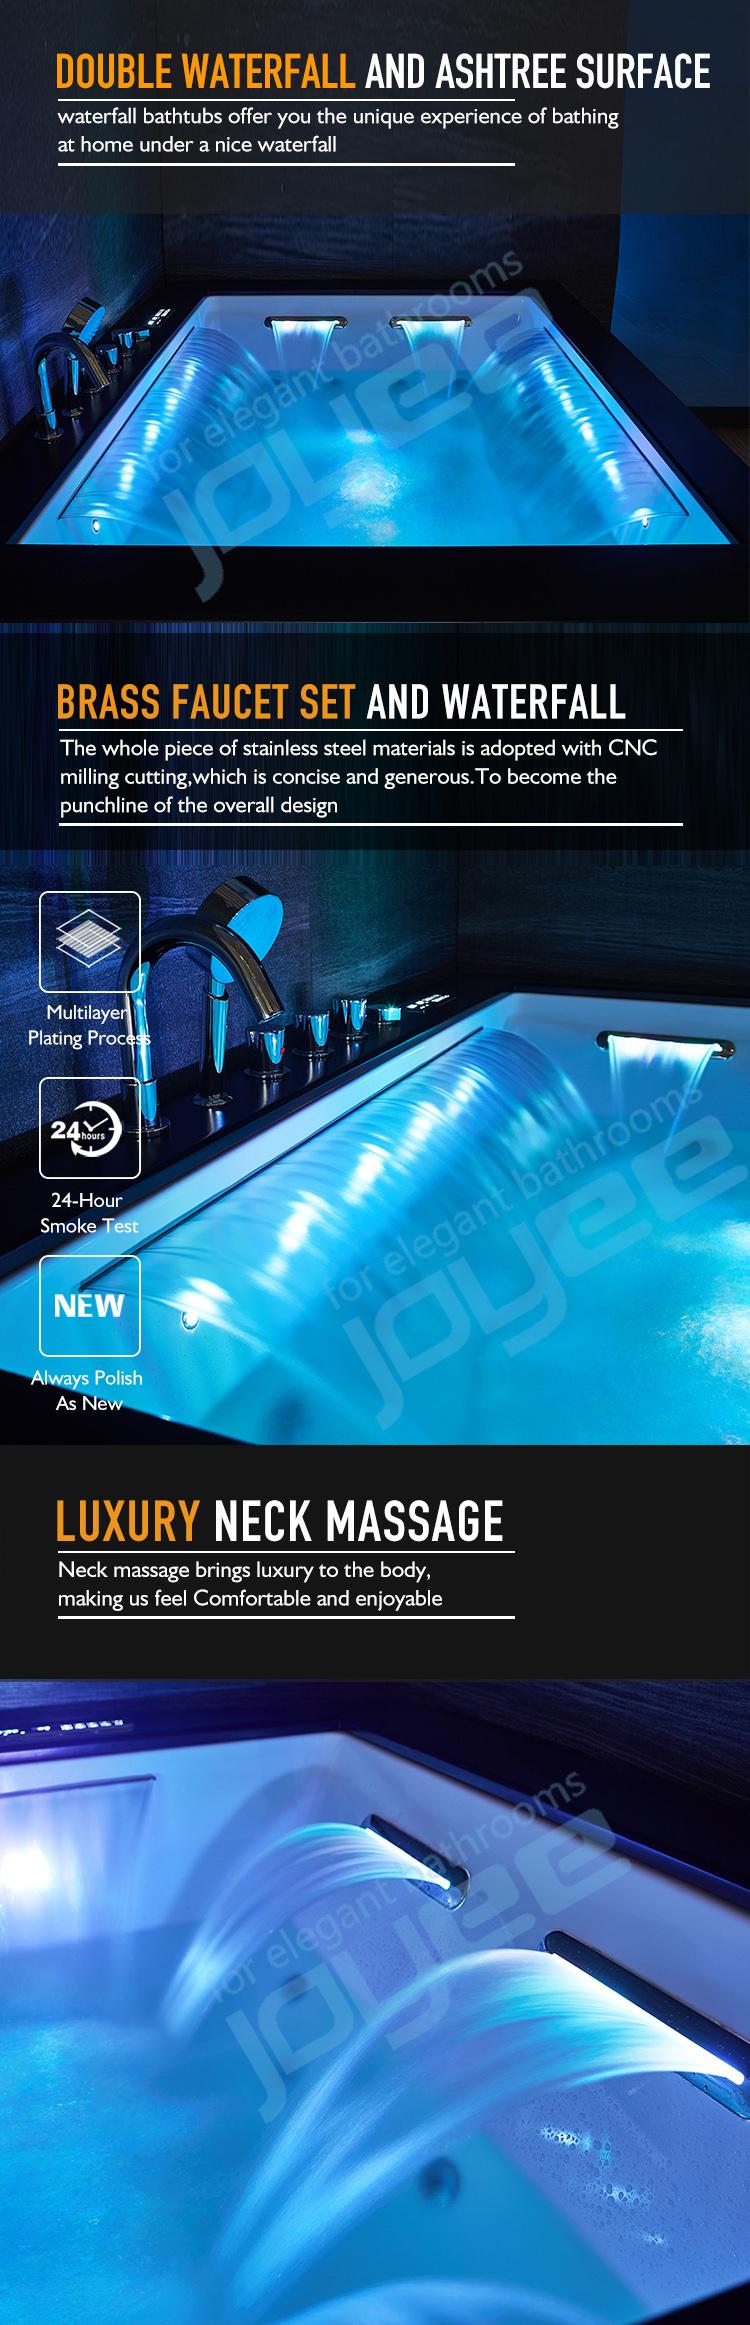 JOYEE Chine Fournisseur pas cher prix massage acrylique autoportante baignoire Spa 2 face jupe baignoire pour couple bain